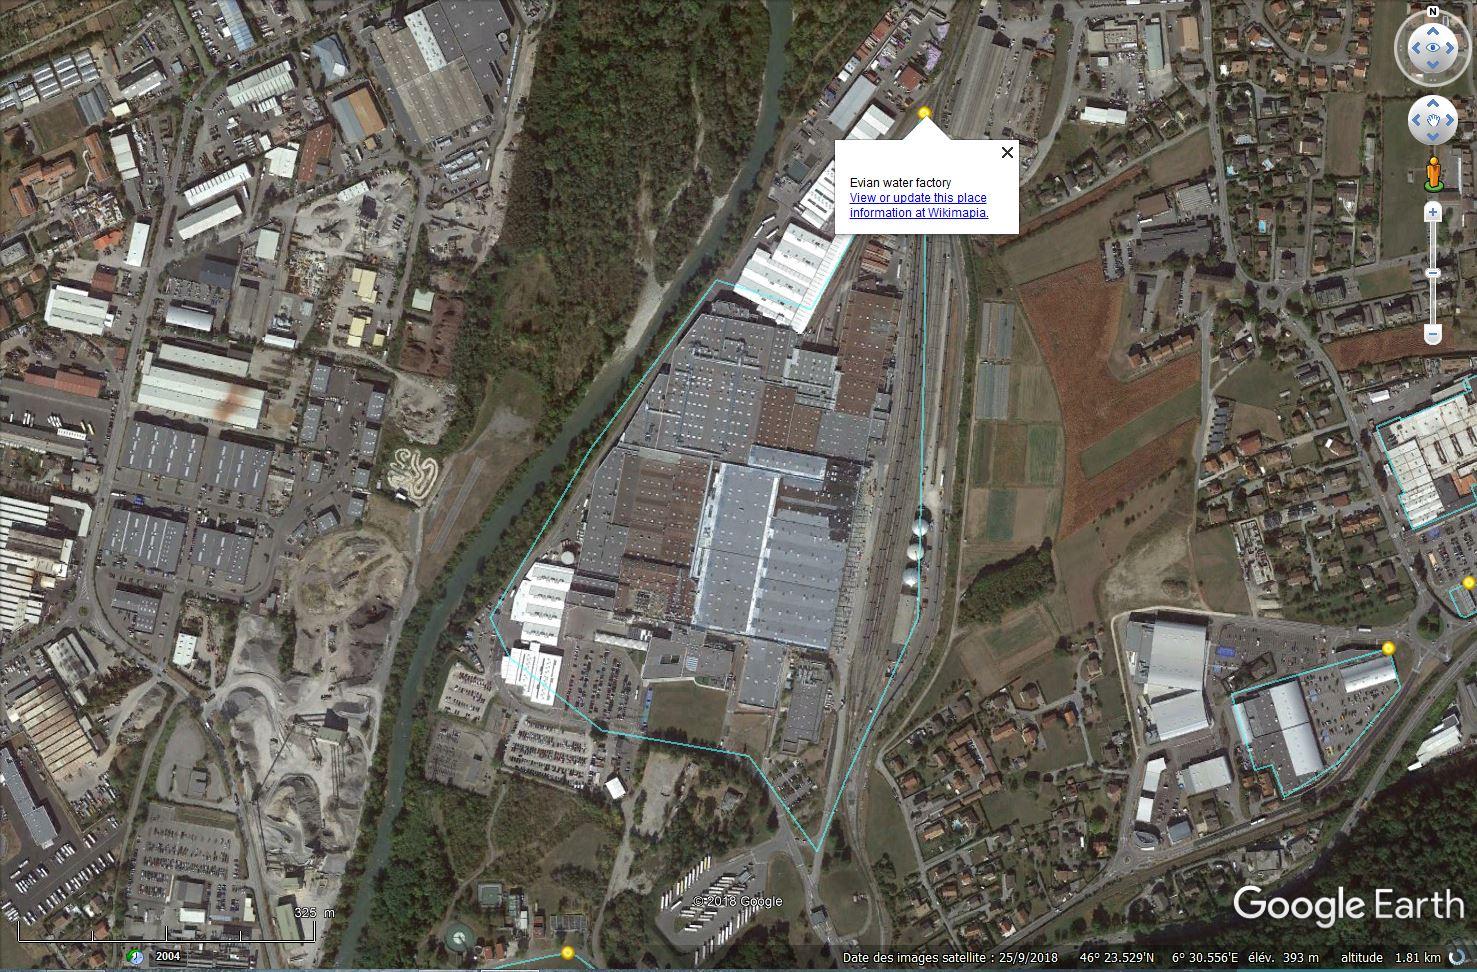 Nos marques ont aussi des usines - Page 2 Tsge_710